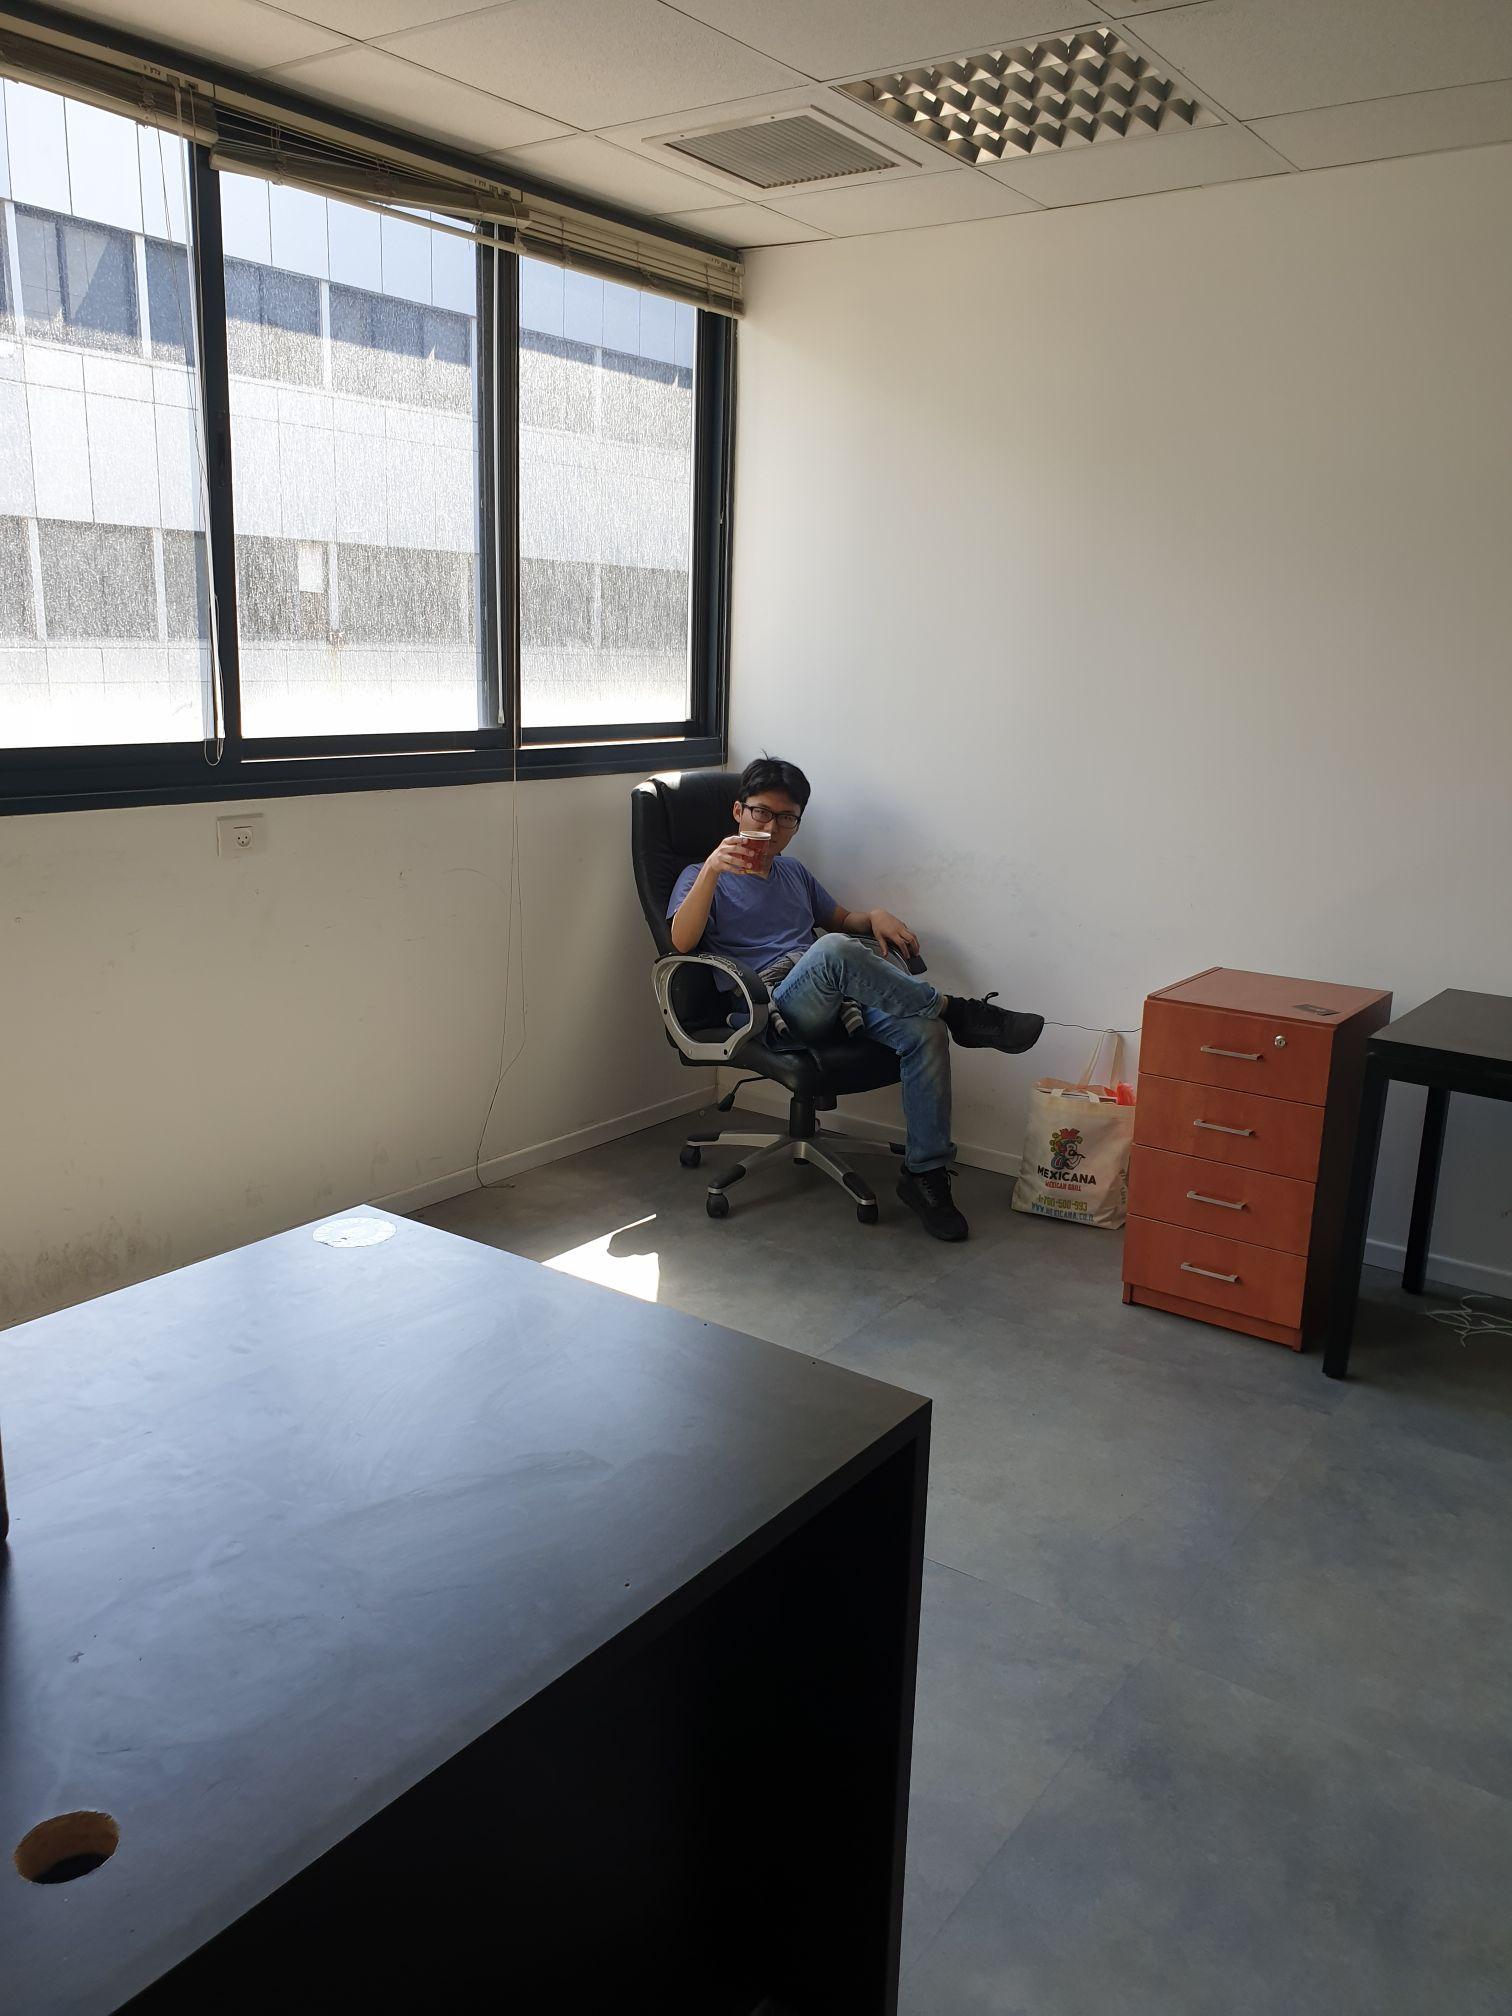 לקוחות מרוצים ממעבר דירה על ידי באקו הובלות